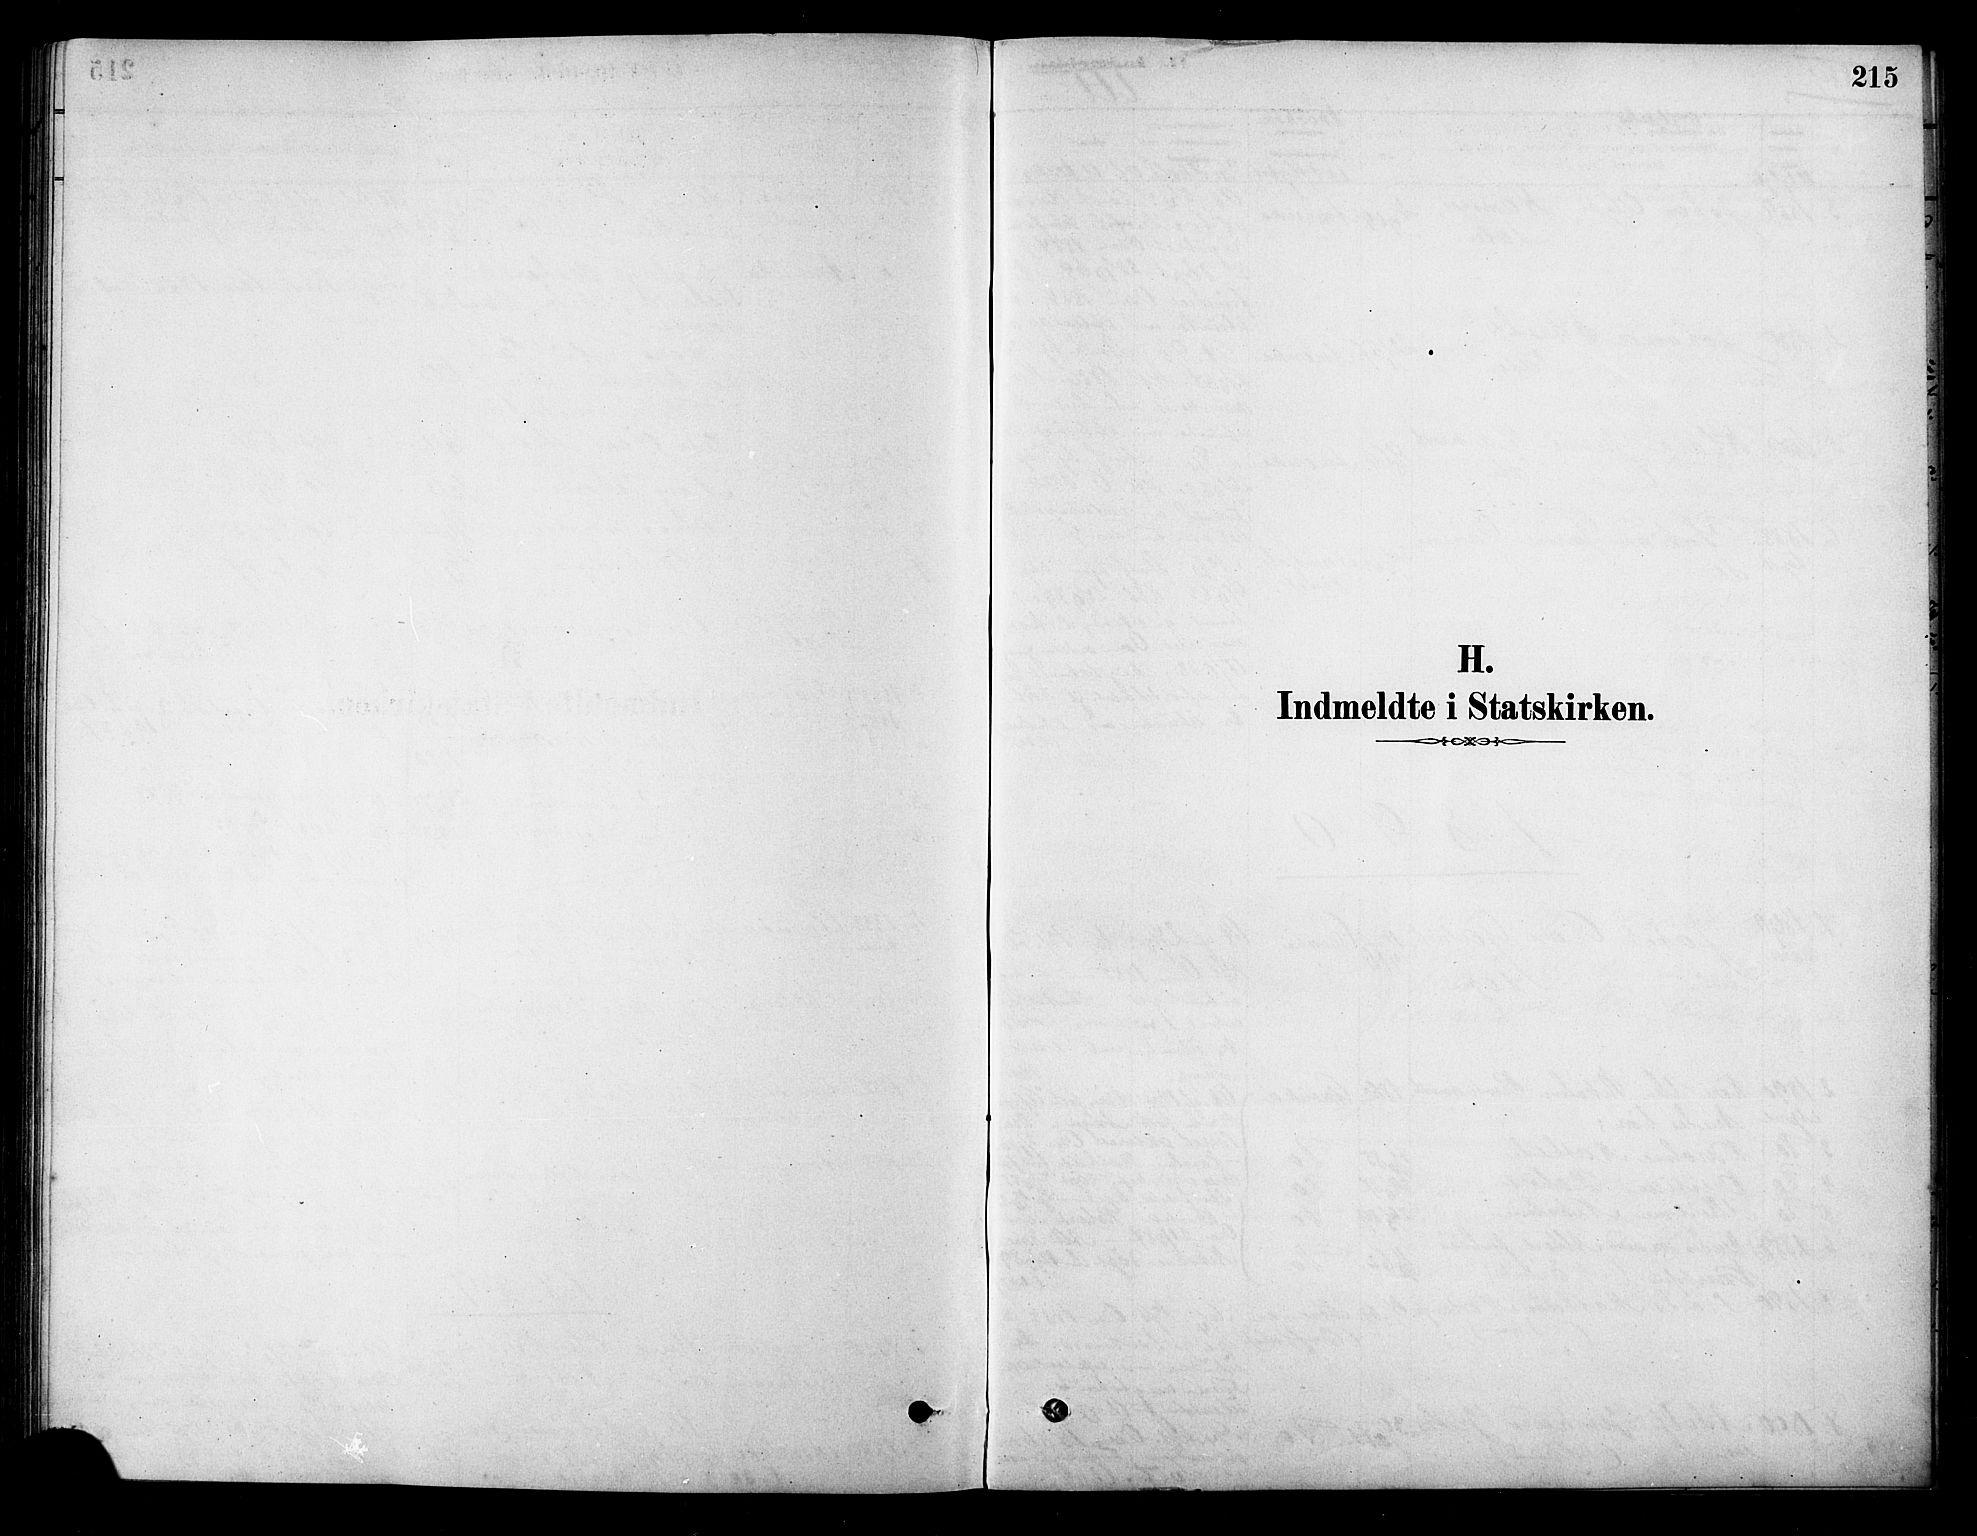 SAT, Ministerialprotokoller, klokkerbøker og fødselsregistre - Sør-Trøndelag, 658/L0722: Ministerialbok nr. 658A01, 1879-1896, s. 215